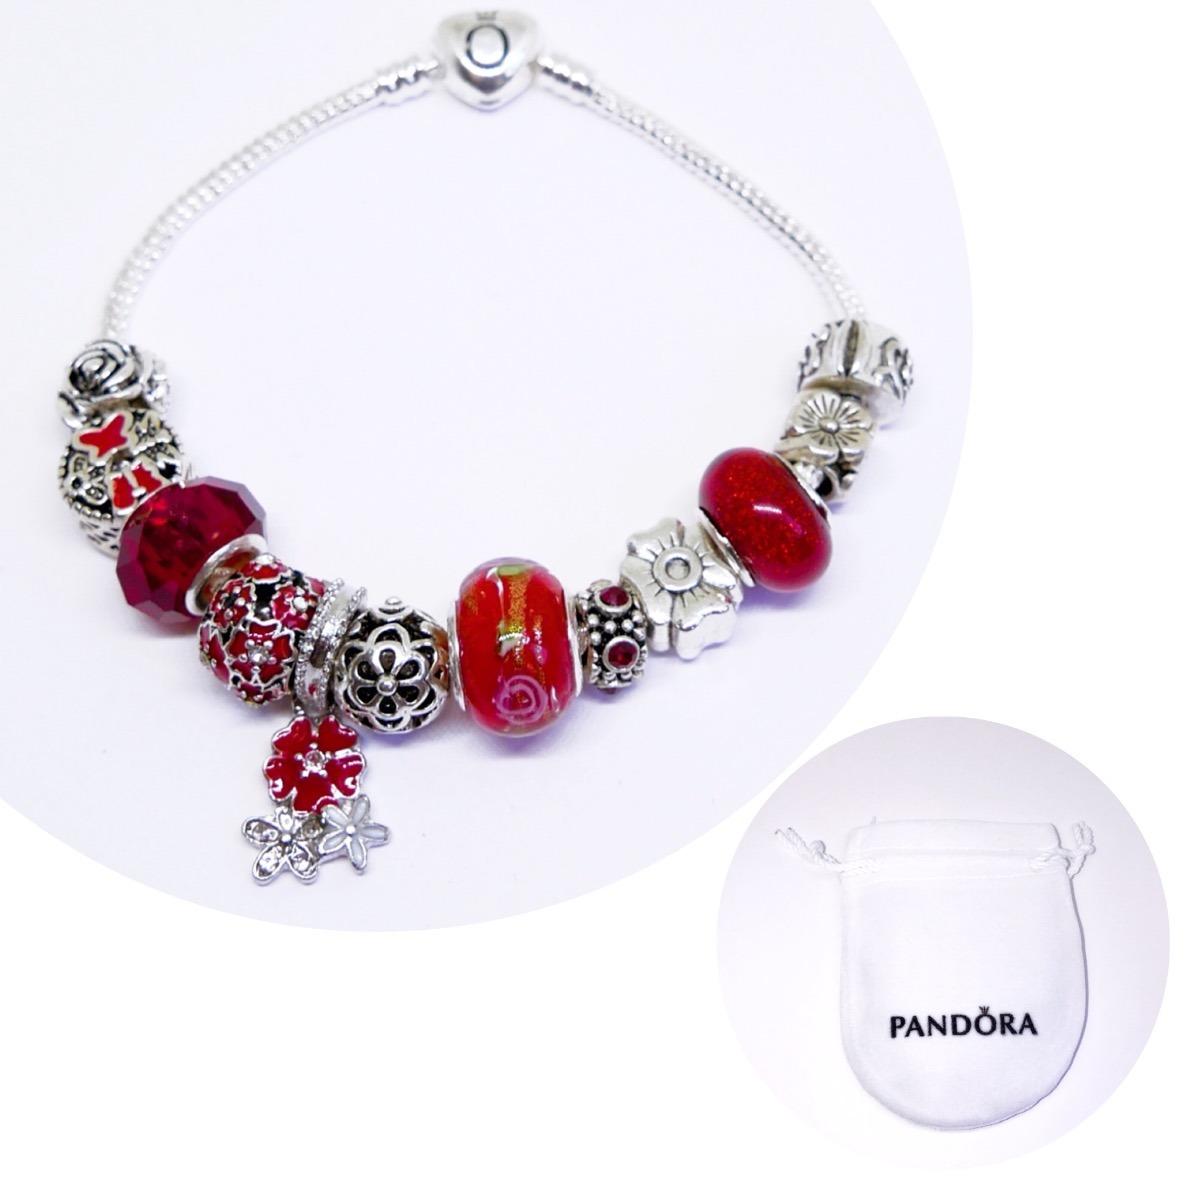 db526ec411b0 top quality pandora san valentin charms 264ac 4380d